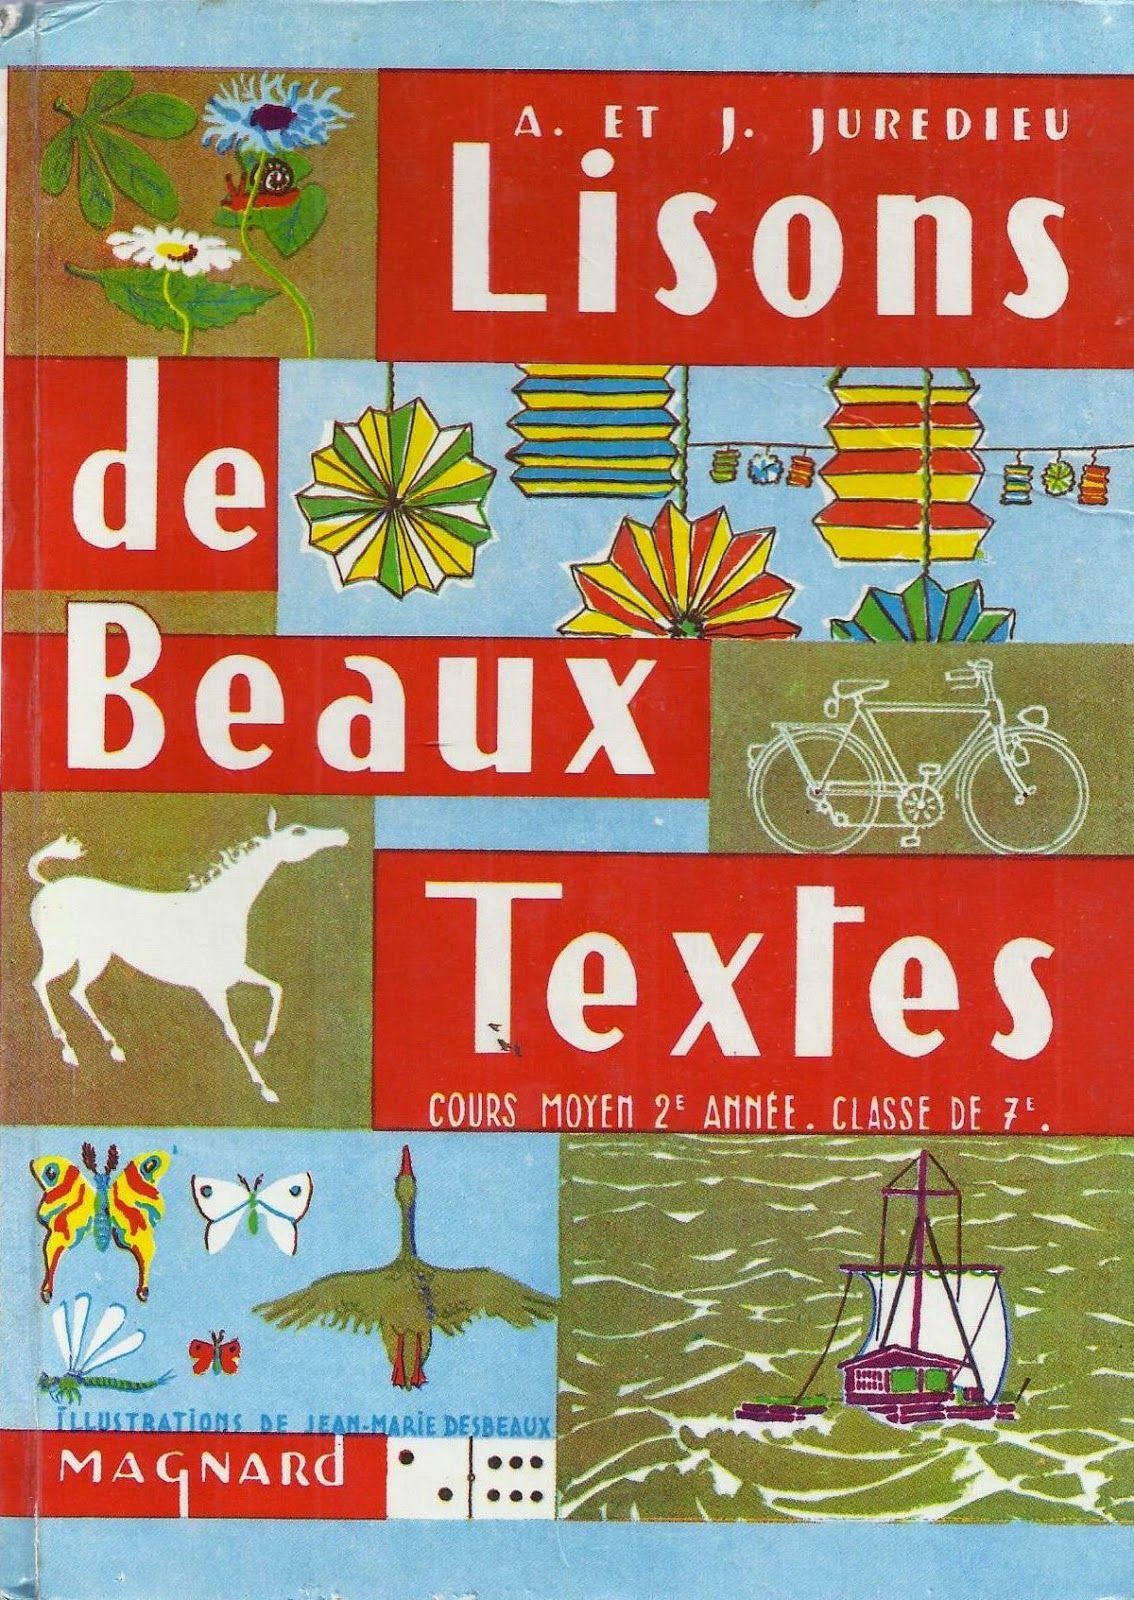 Juredieu Lisons De Beaux Textes Cm2 1967 Beau Texte